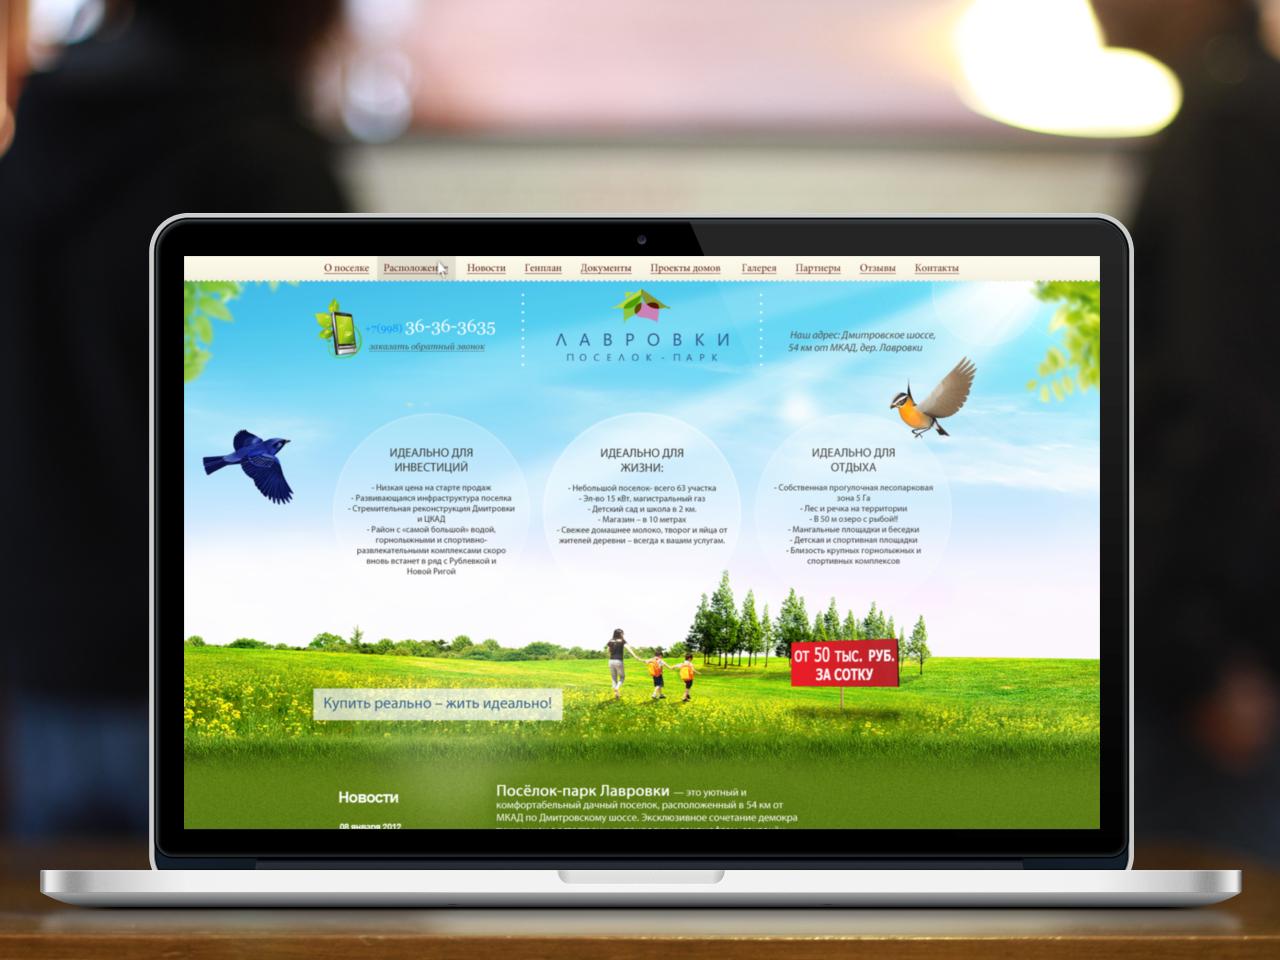 Дизайн сайта Котдеджнего Поселка